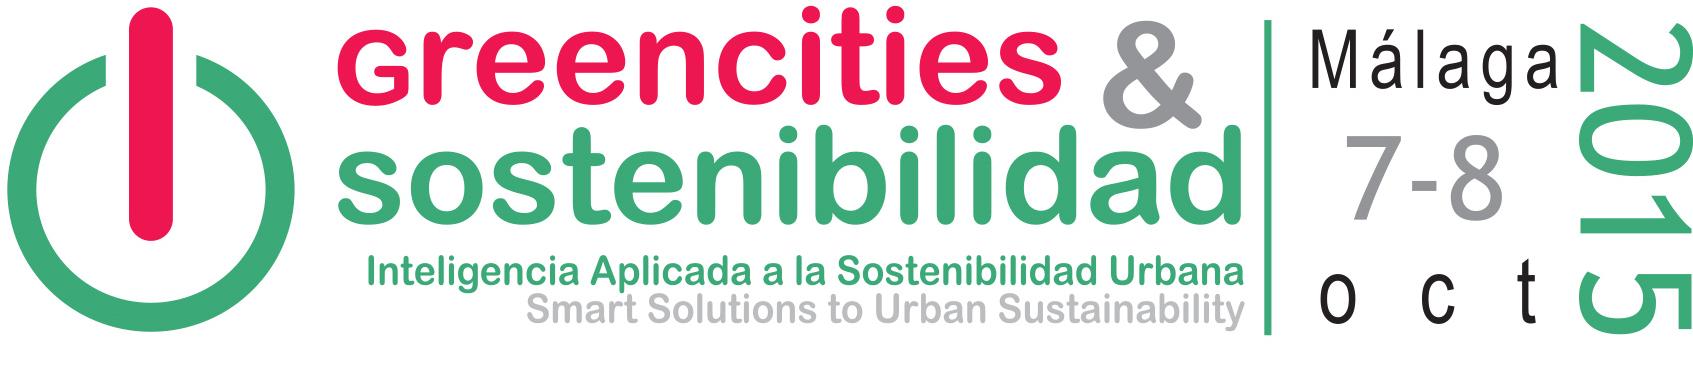 Las oportunidades de negocio para las empresas andaluzas en las ciudades inteligentes, expuestas en Greencities & Sostenibilidad